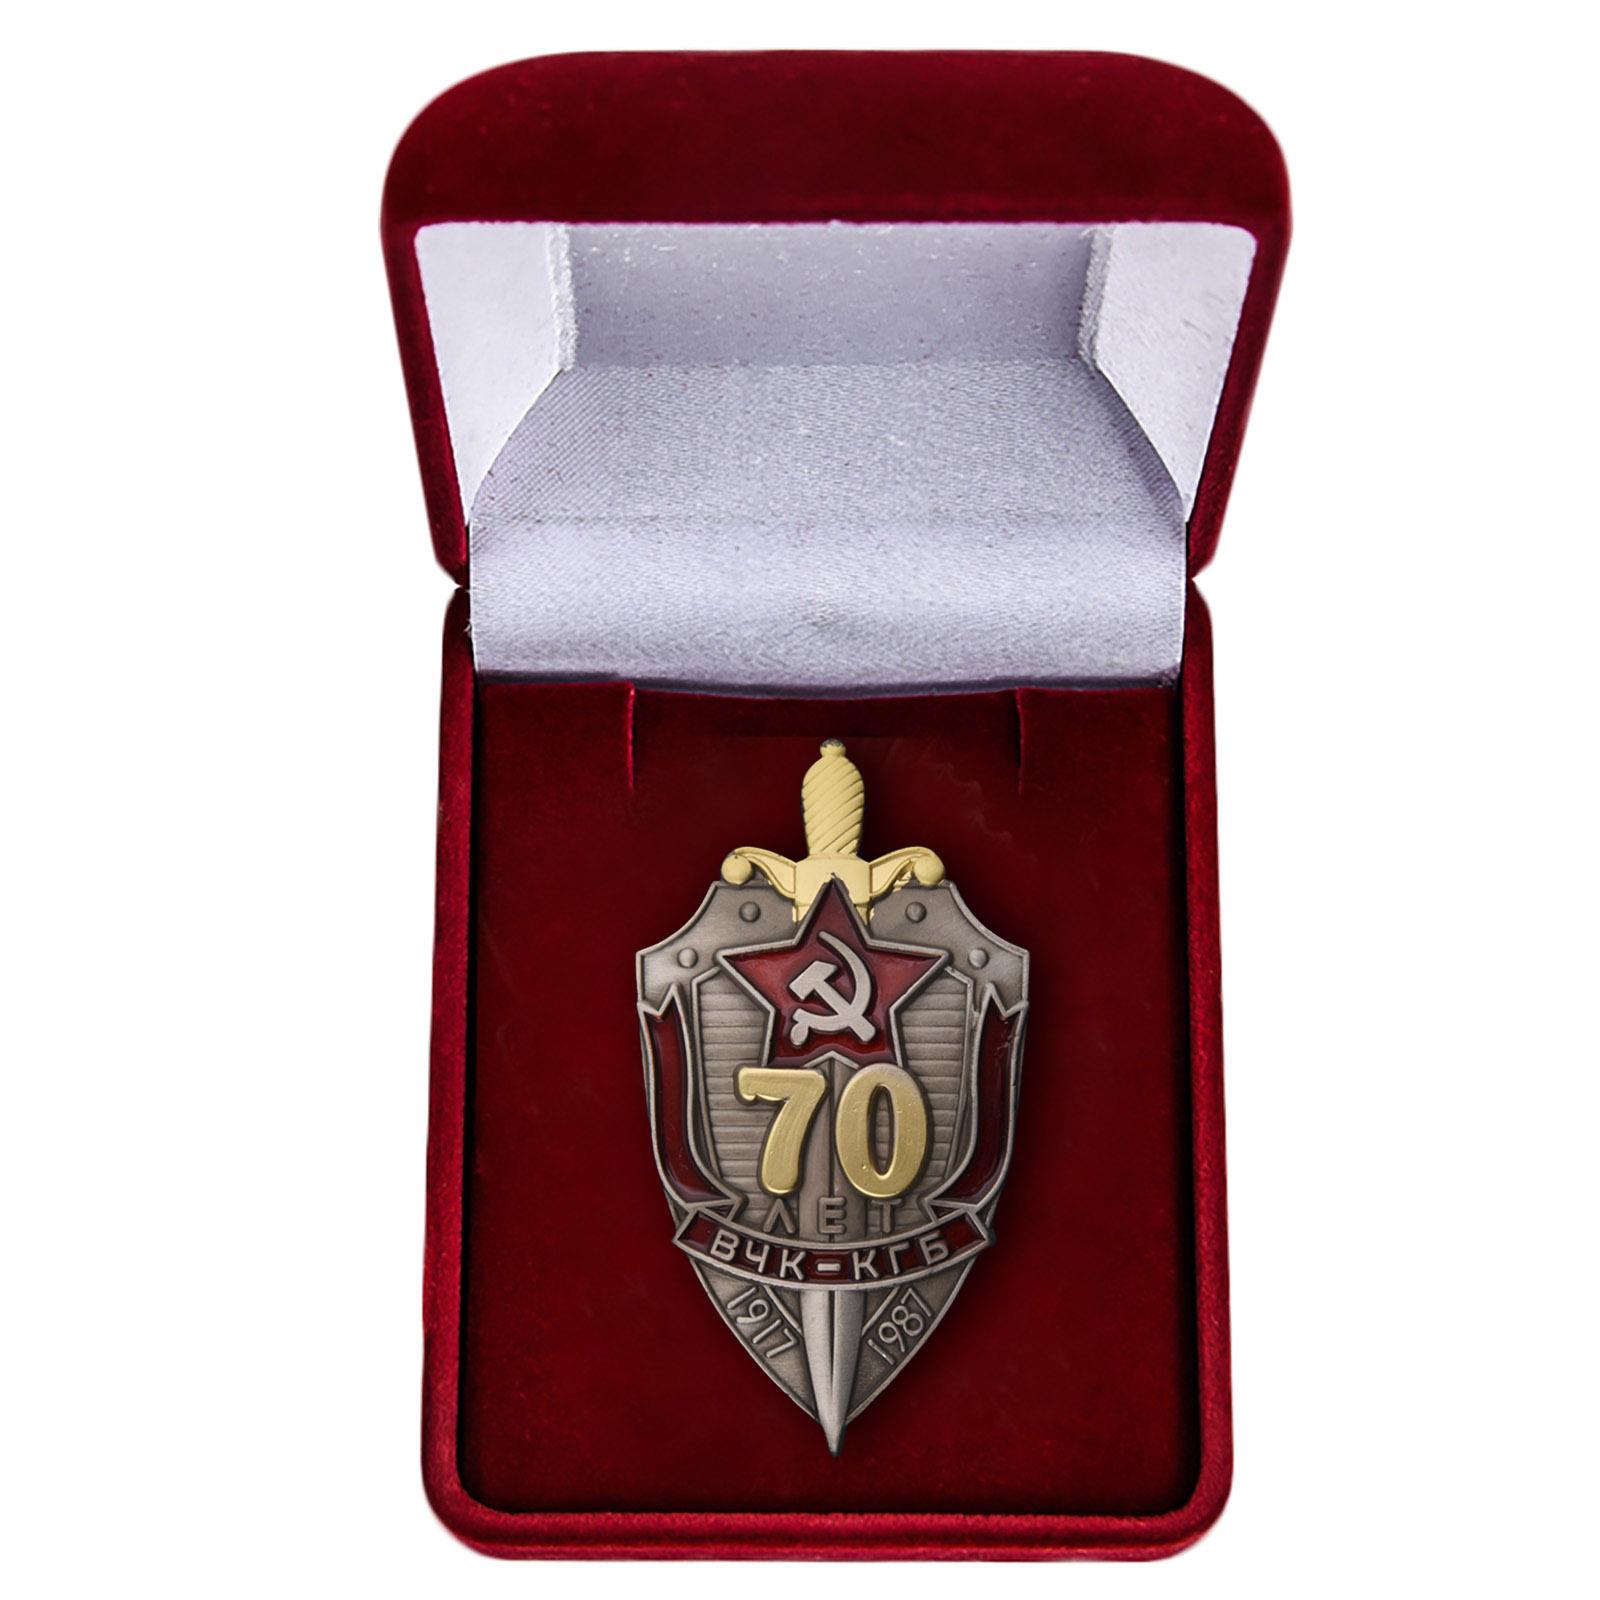 Нагрудный знак 70 лет ВЧК-КГБ заказать в Военпро